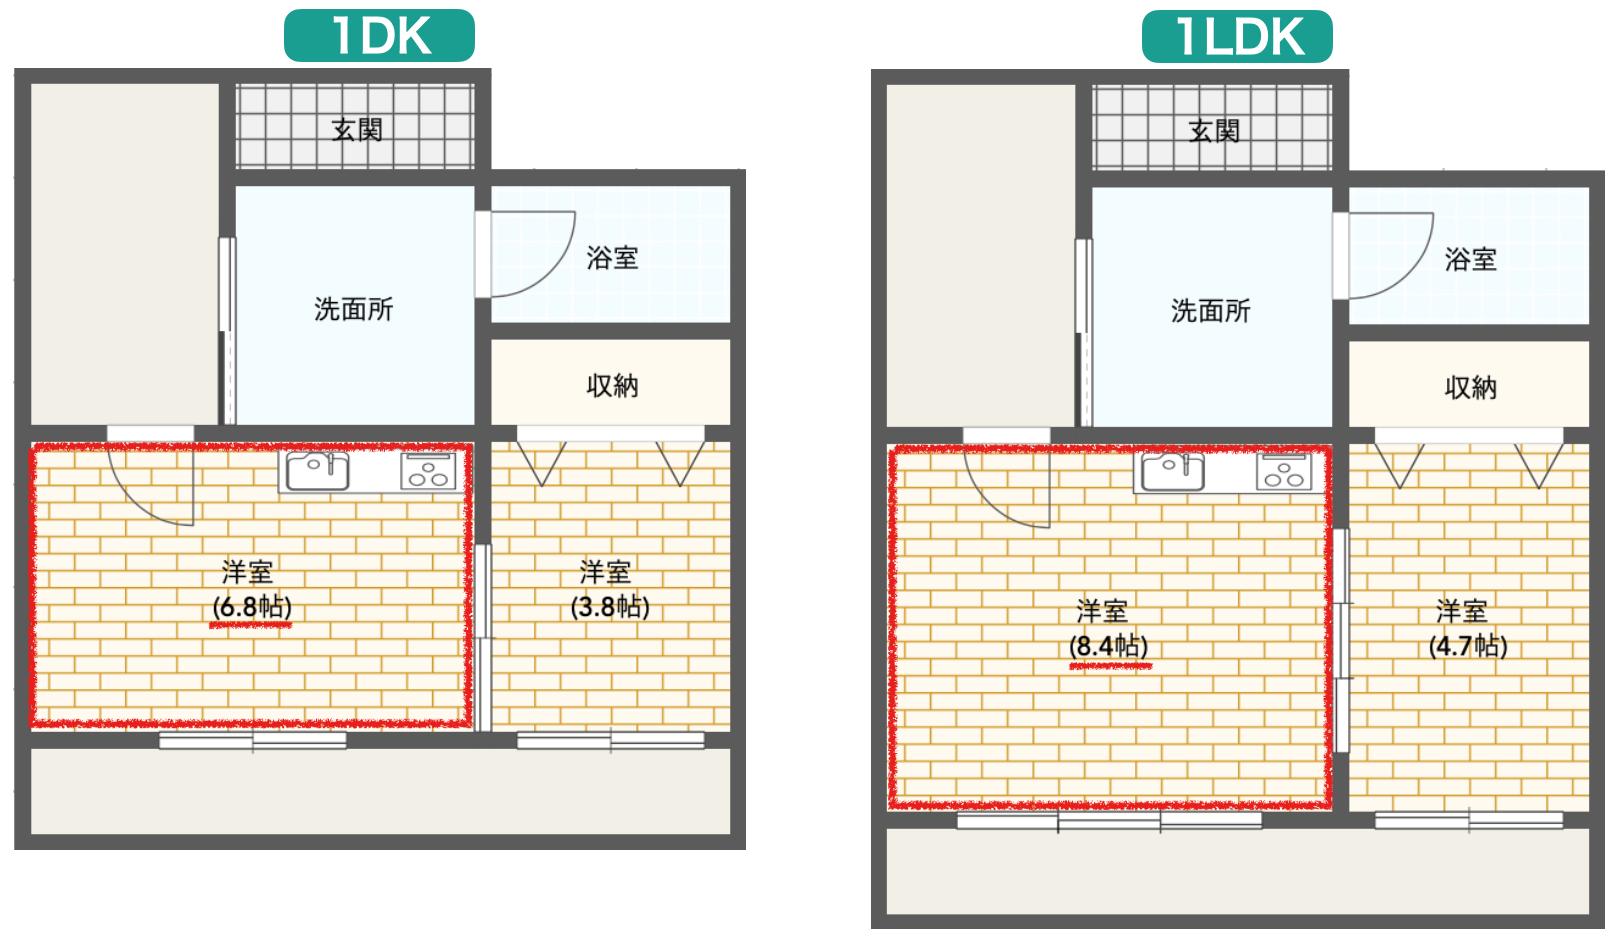 1DKと1LDKの比較イメージ